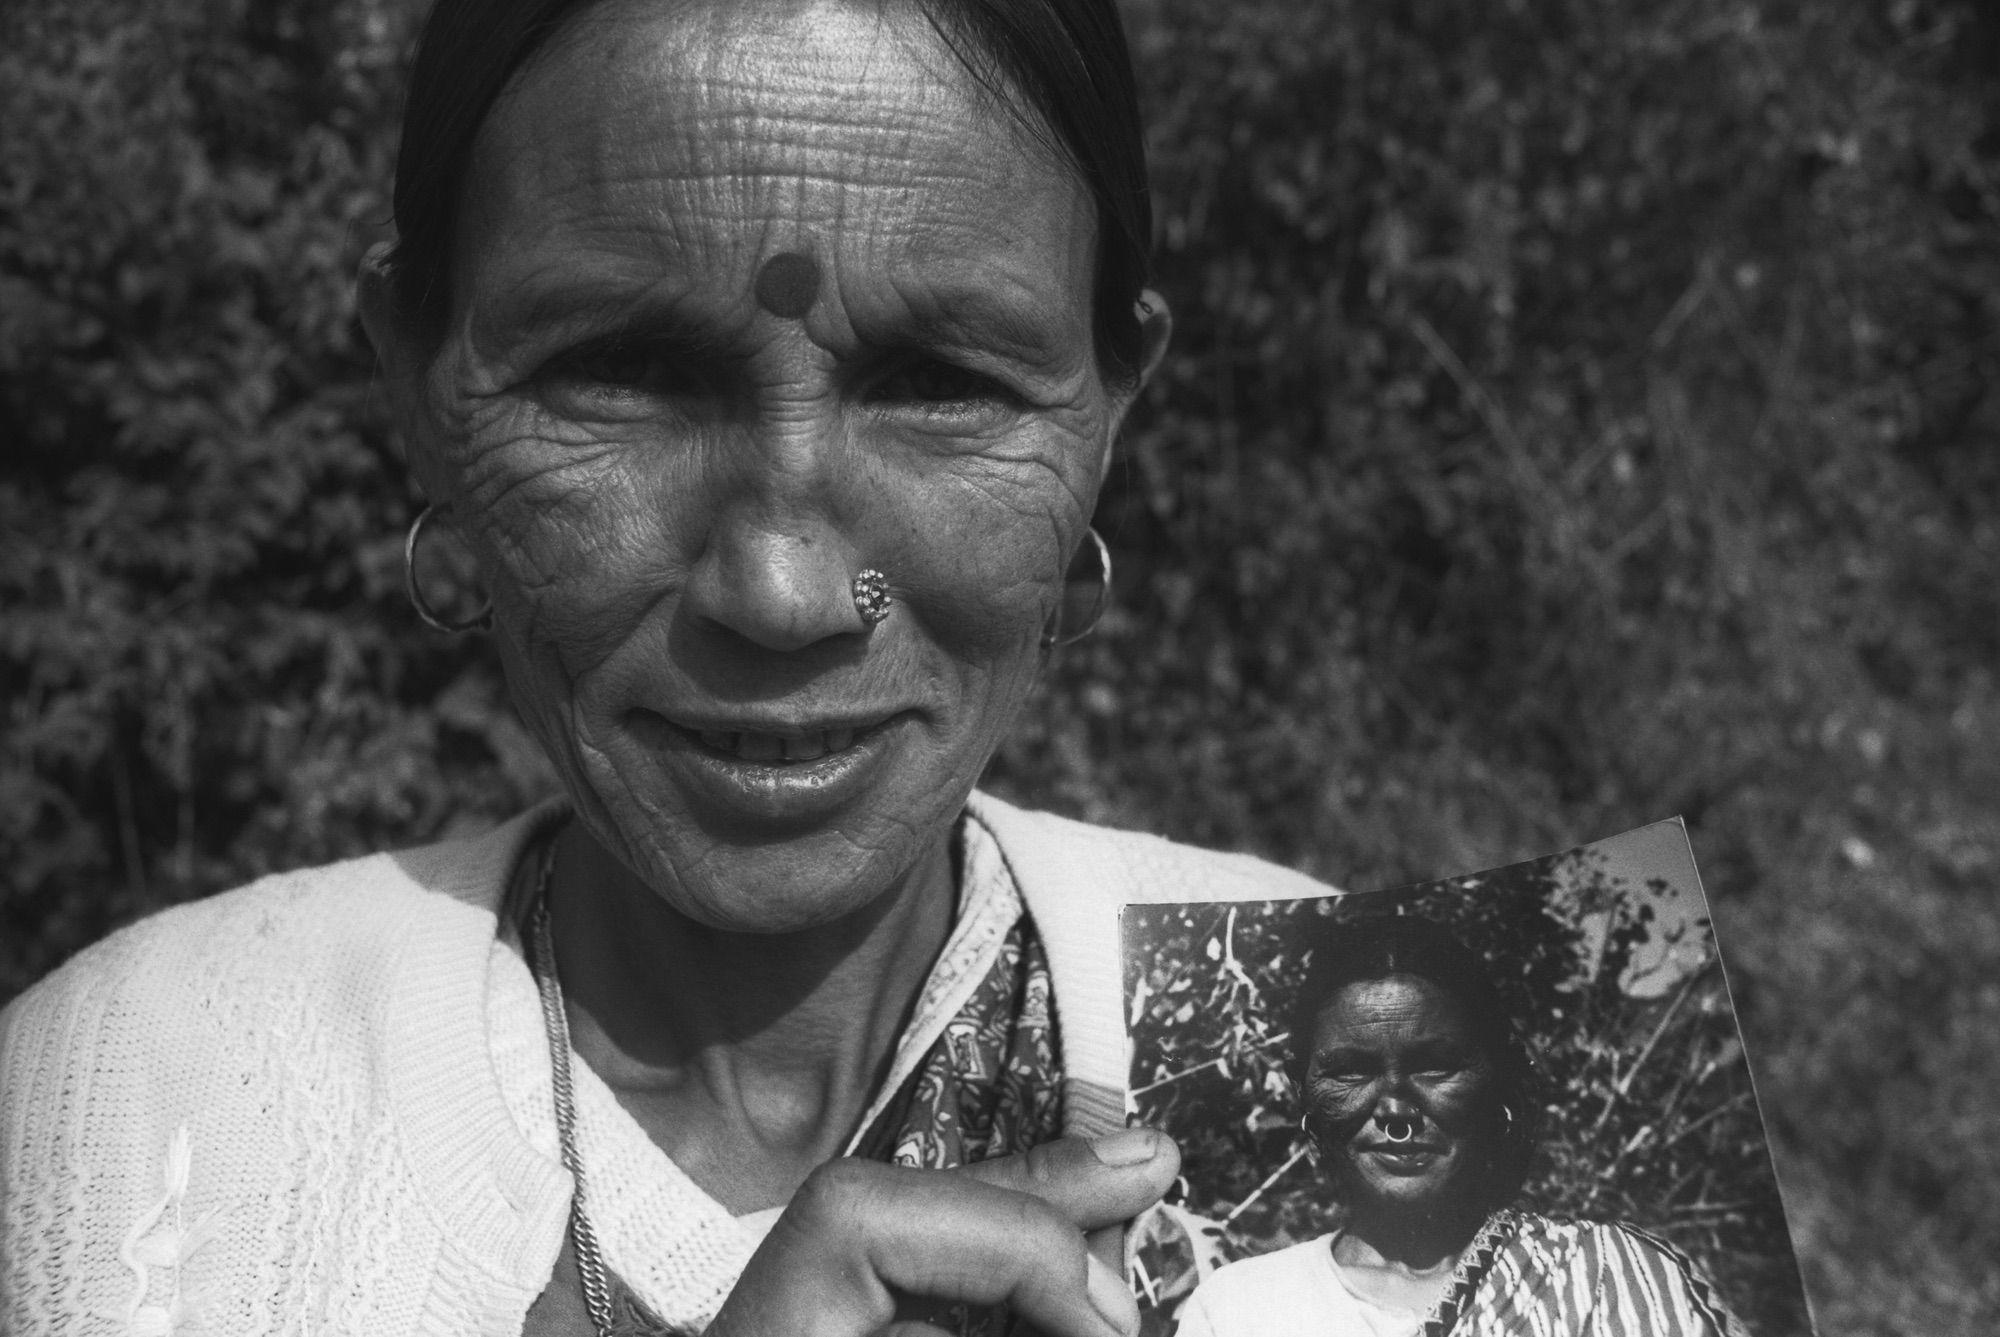 28 (k)Ehem Leprapat mit Photo vor plastischer Operation, Tara Parbat, Indien Dez 01.jpg